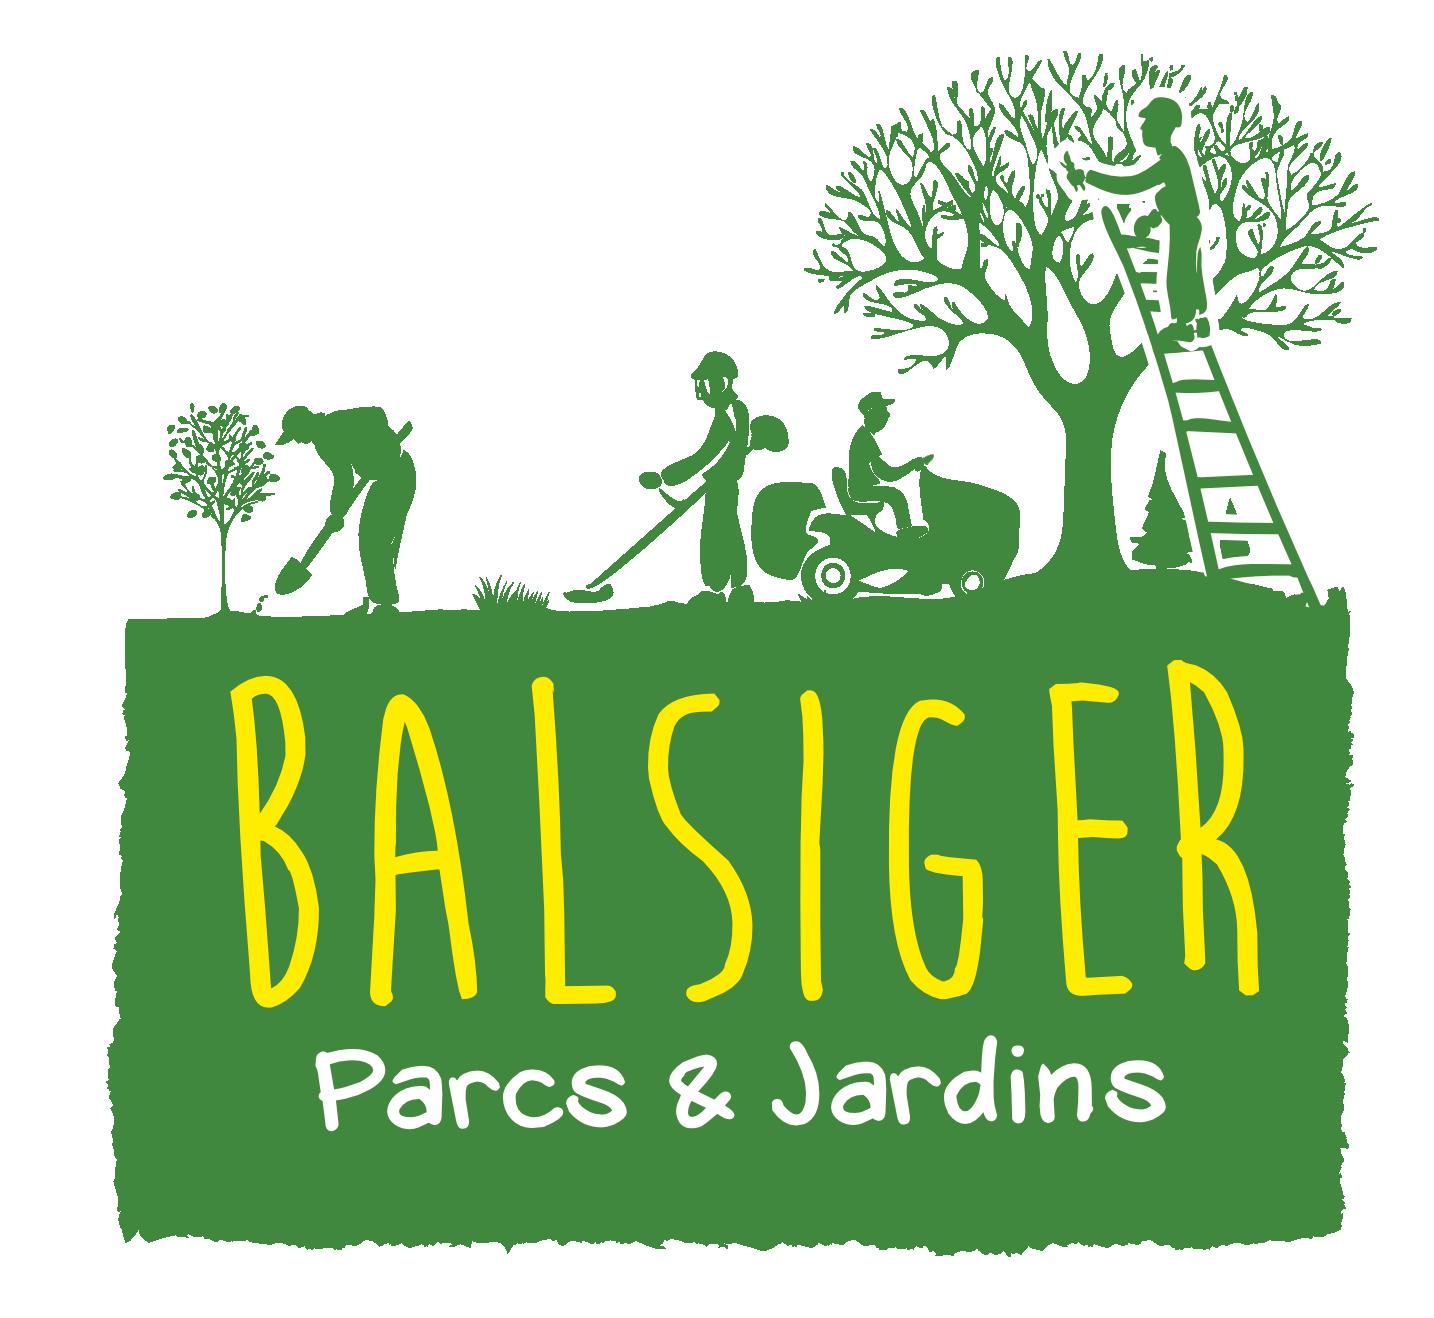 Balsiger Parcs et Jardin paysagiste